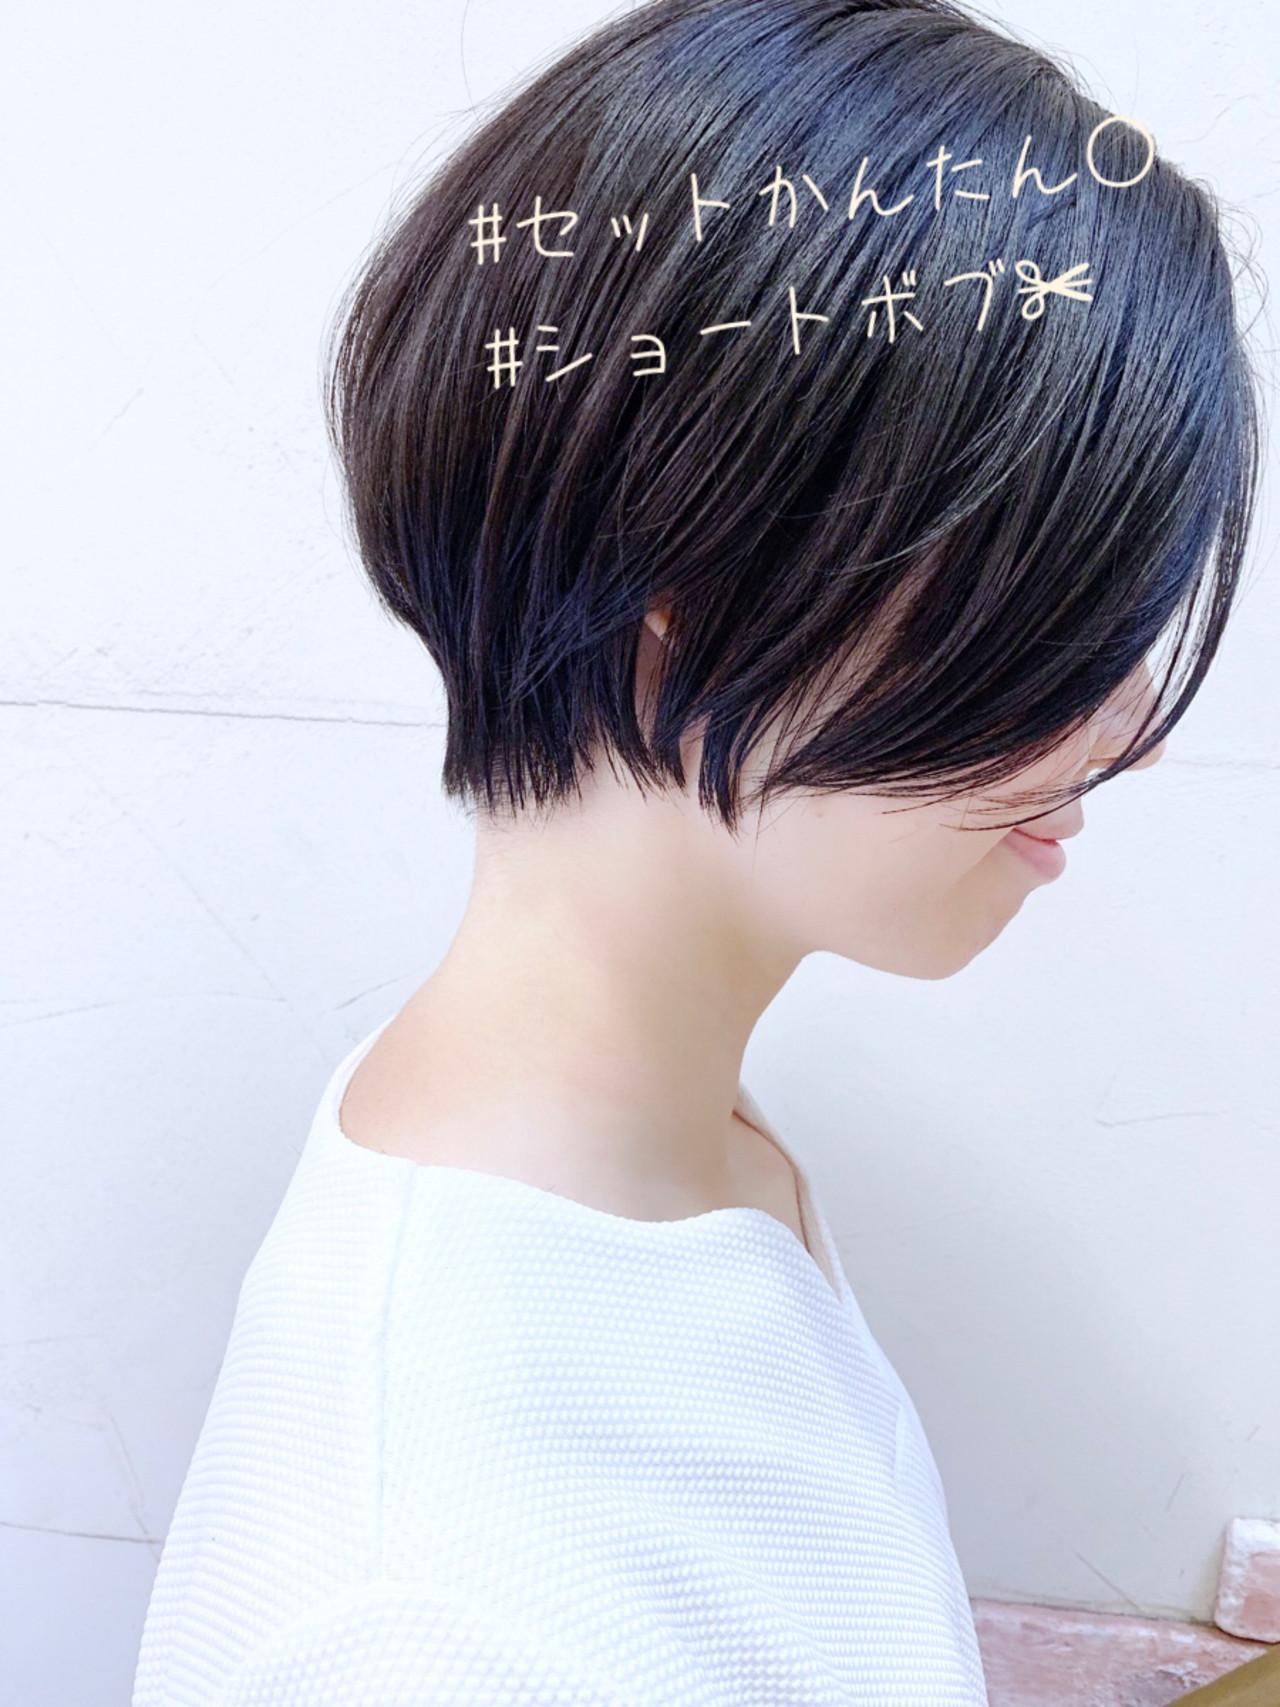 ナチュラル 簡単スタイリング 黒髪 大人かわいい ヘアスタイルや髪型の写真・画像